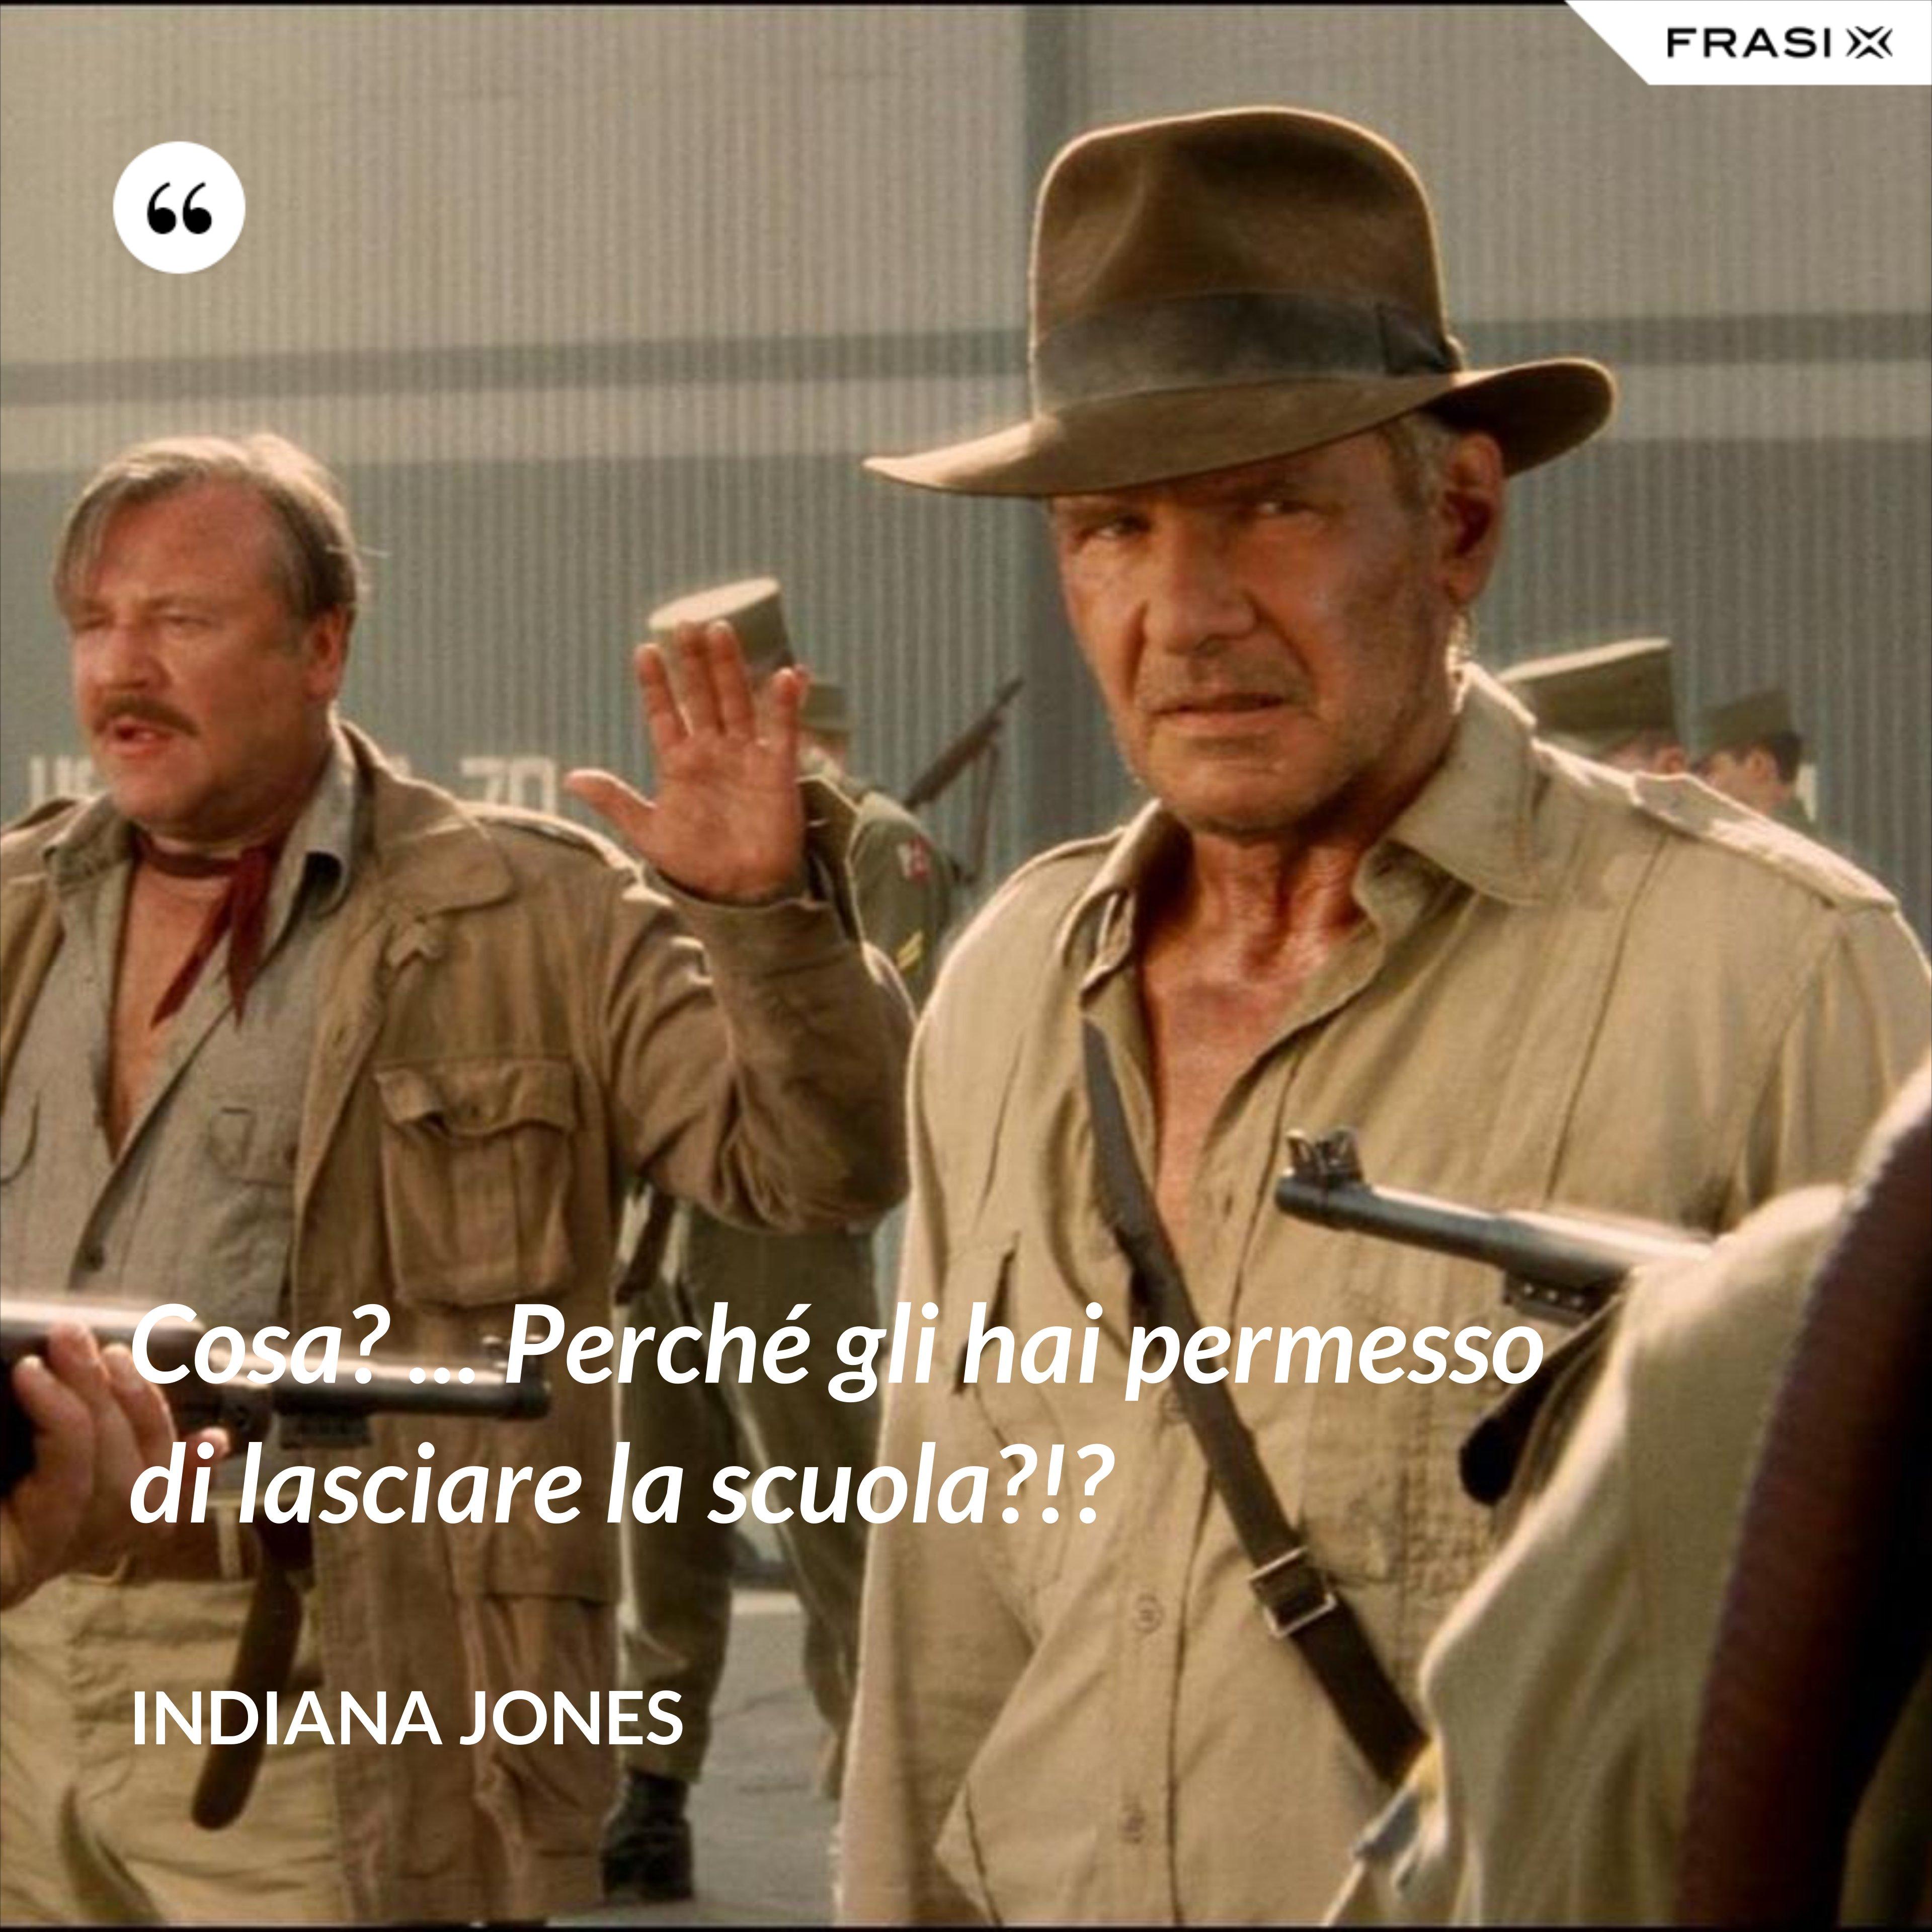 Cosa? ... Perché gli hai permesso di lasciare la scuola?!? - Indiana Jones